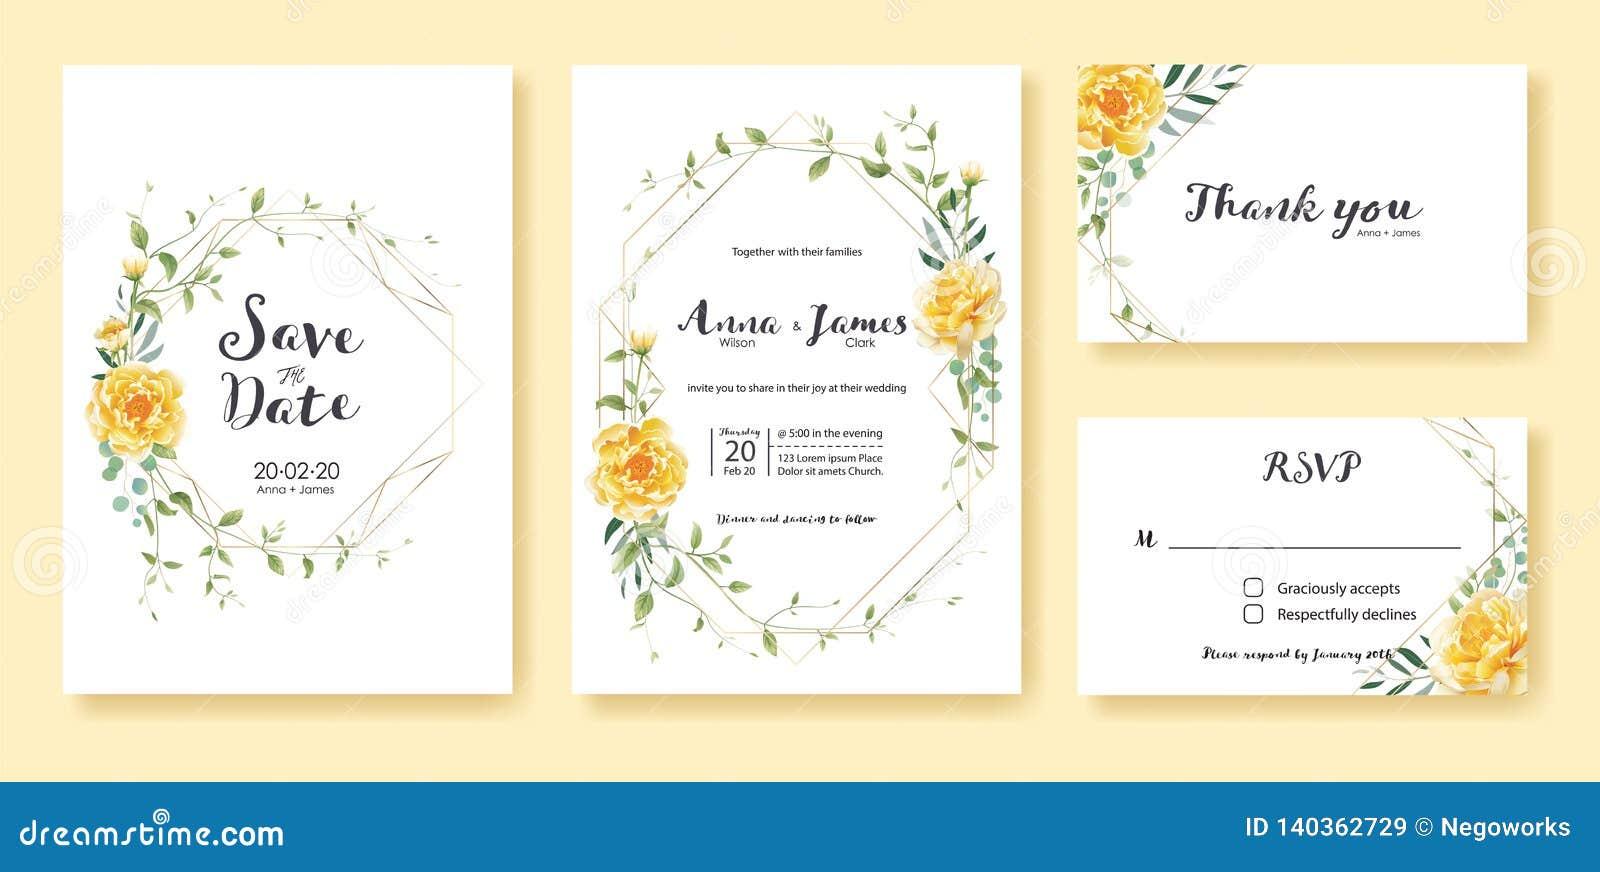 La invitación de la boda, ahorra la fecha, gracias, plantilla del diseño de tarjeta del rsvp Vector Flor amarilla, dólar de plata